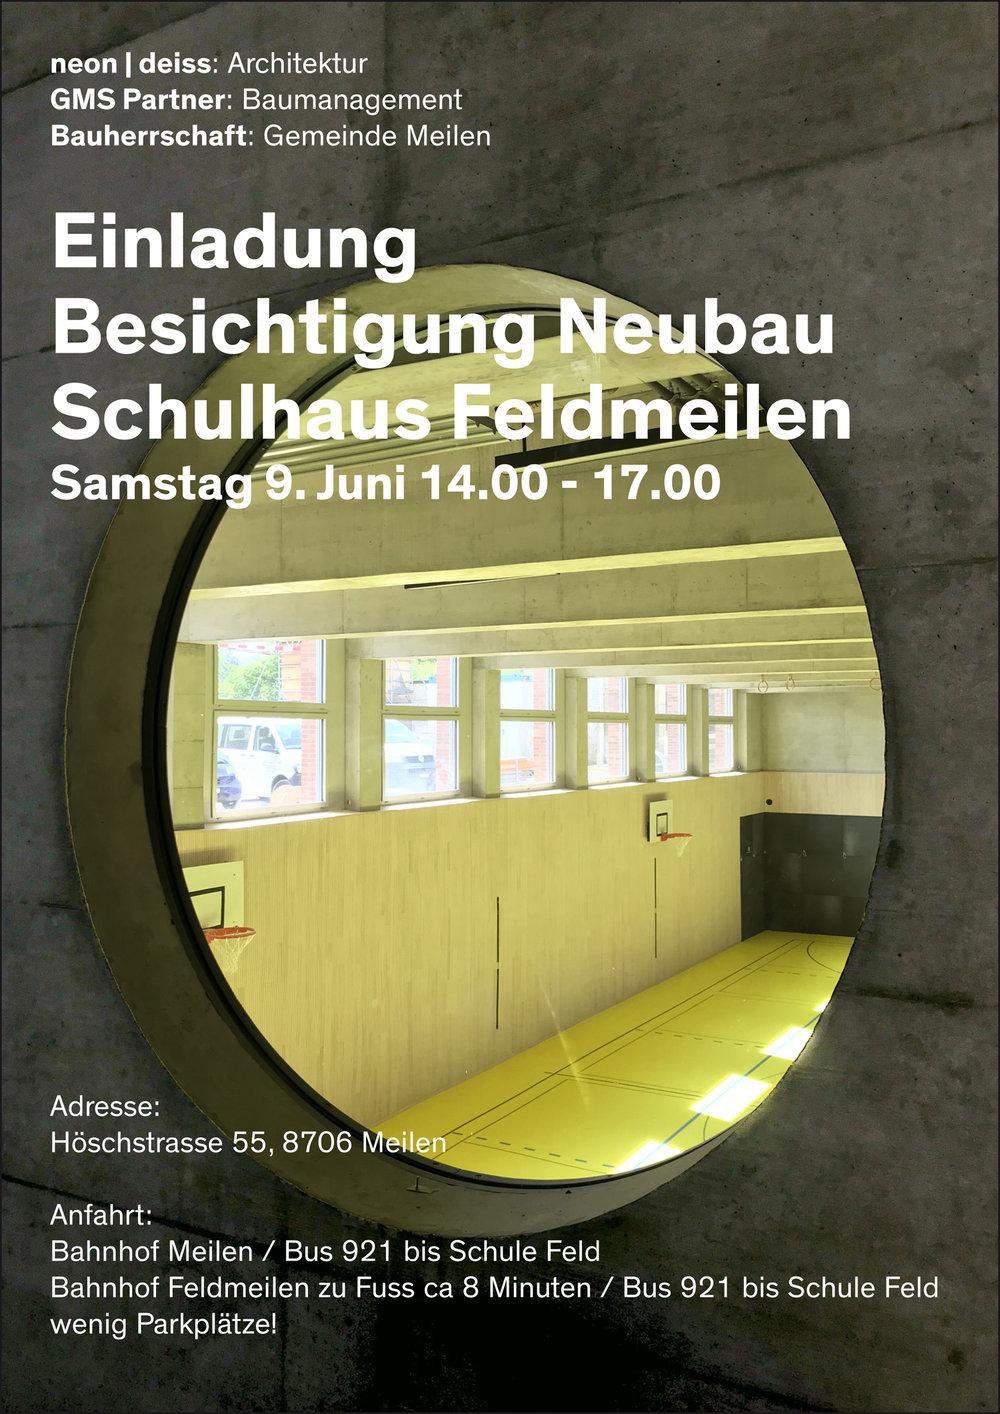 EinladungBesichtigung Neubau Schulhaus Feldmeilen - Samtag 9. Juni 14:00-17:00